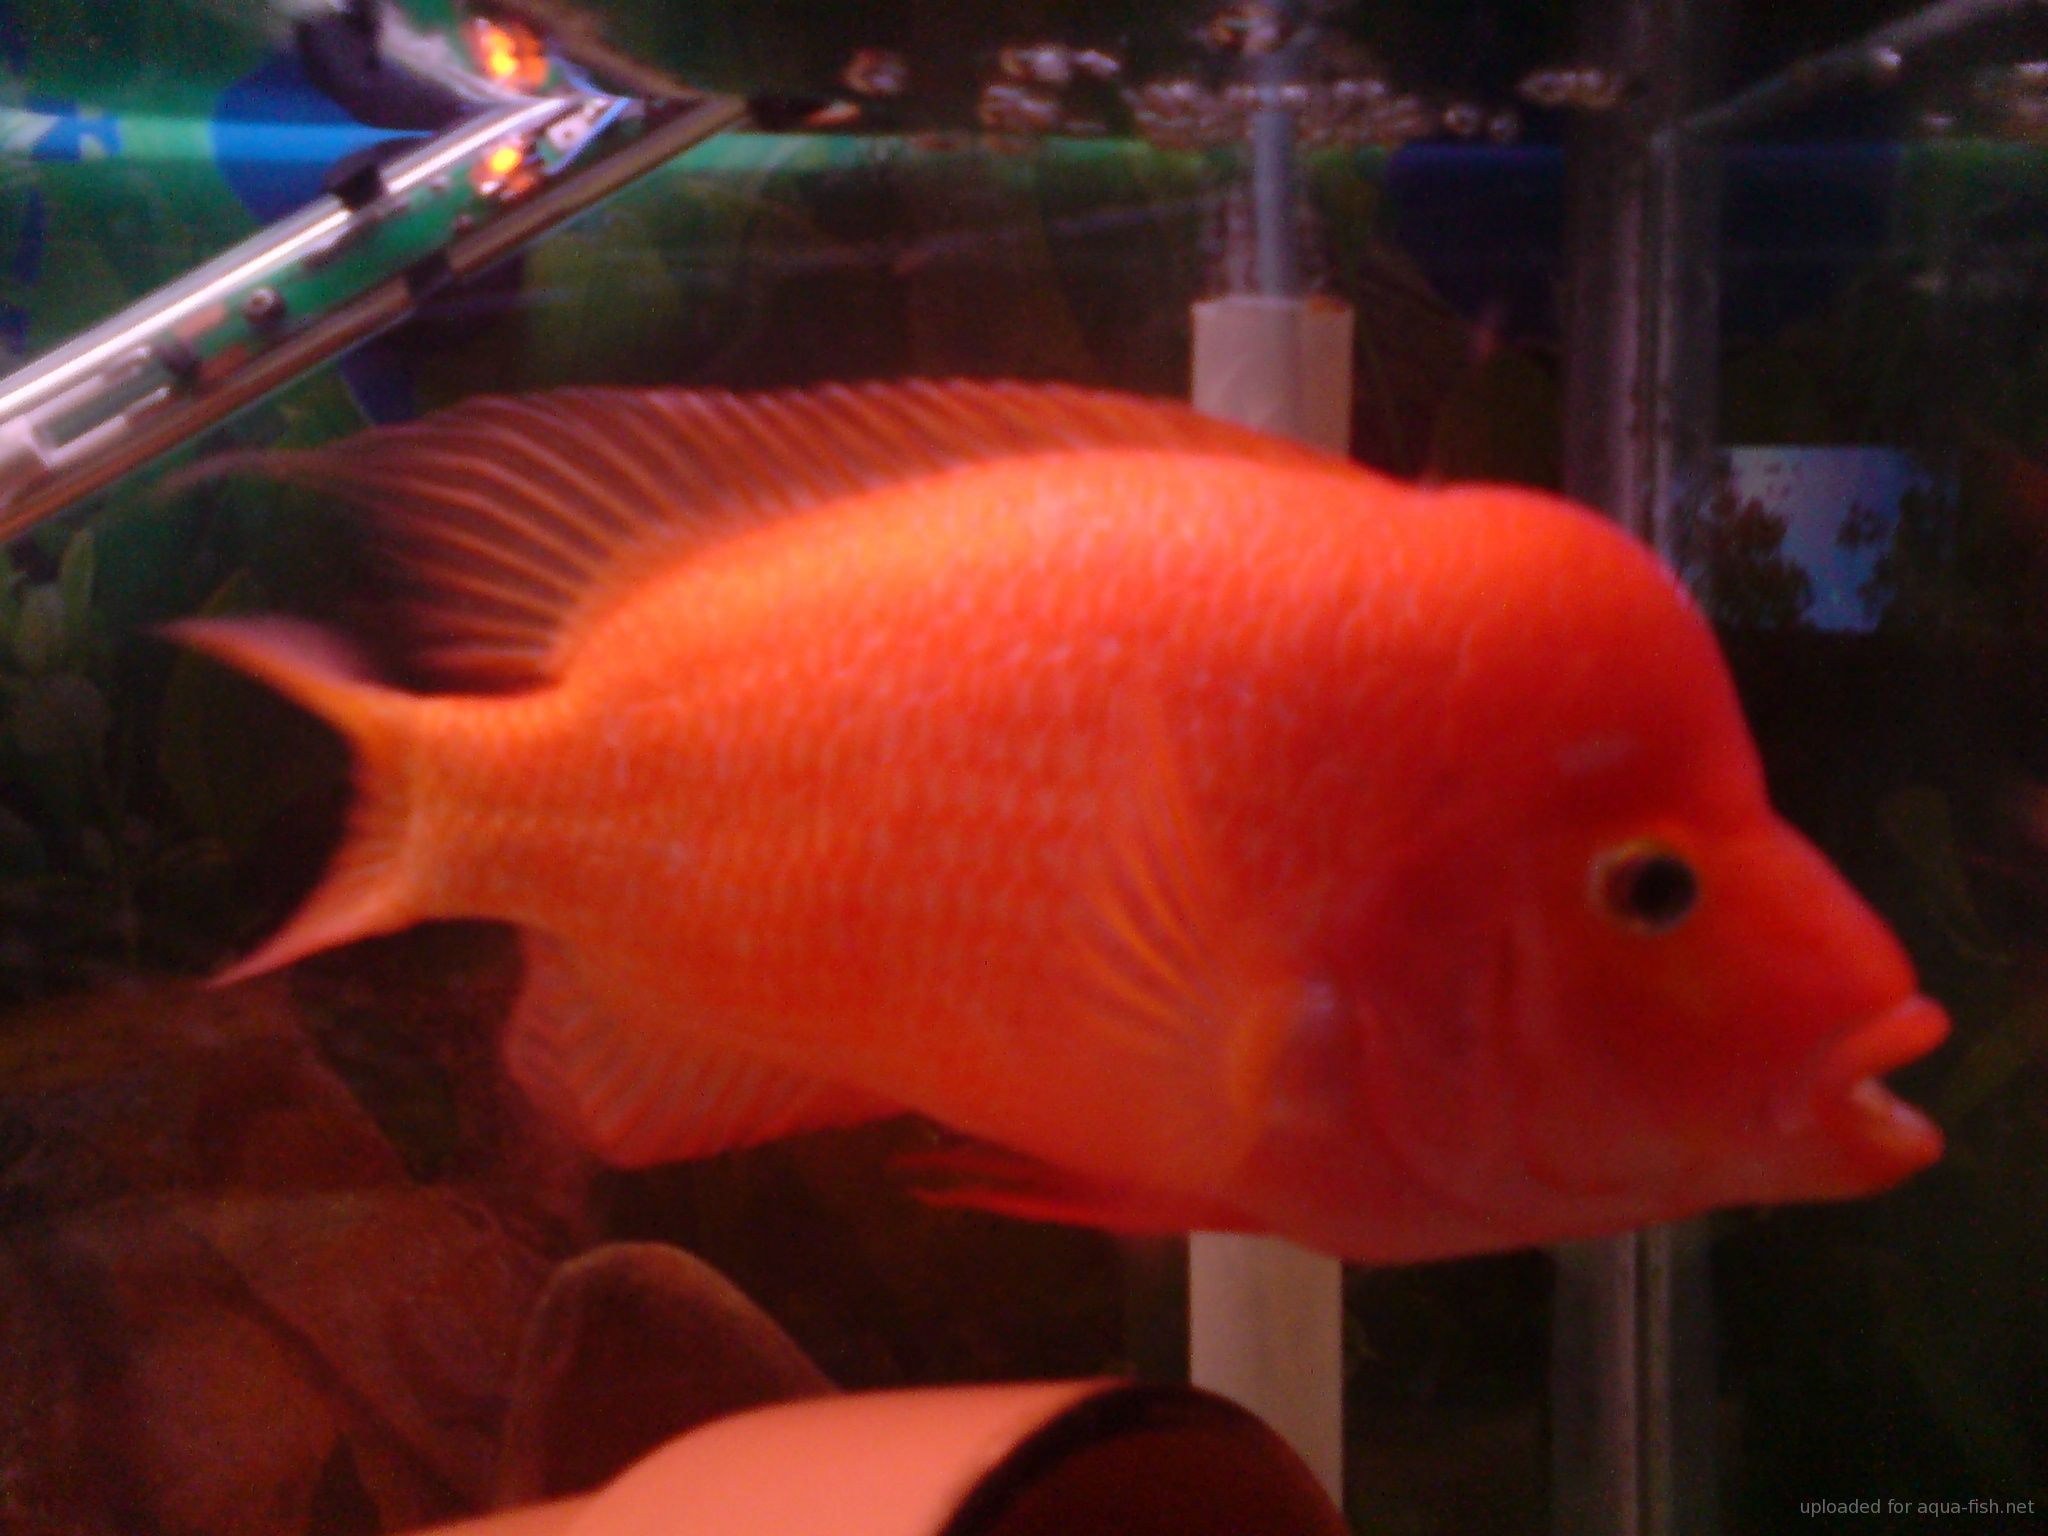 Freshwater aquarium fish profiles - Red Devil